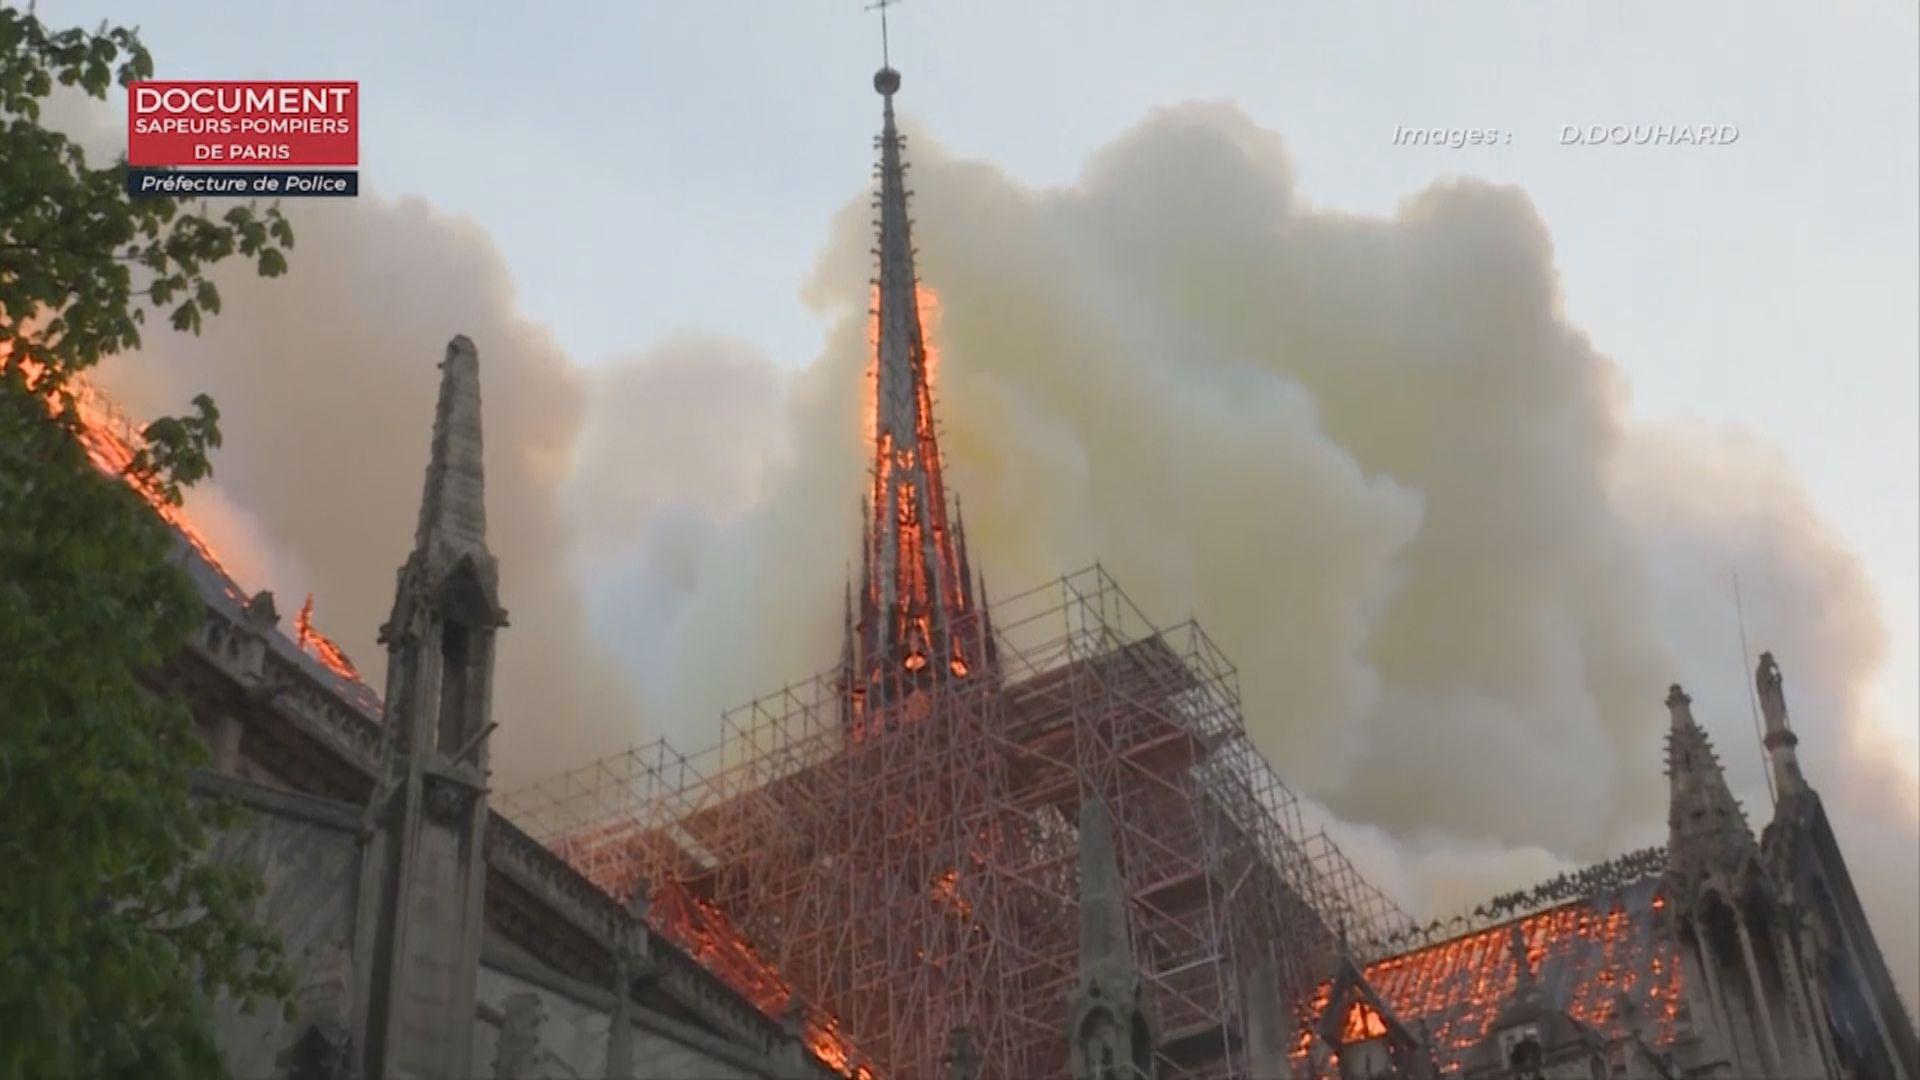 巴黎聖母院大火被形容為文明浩劫